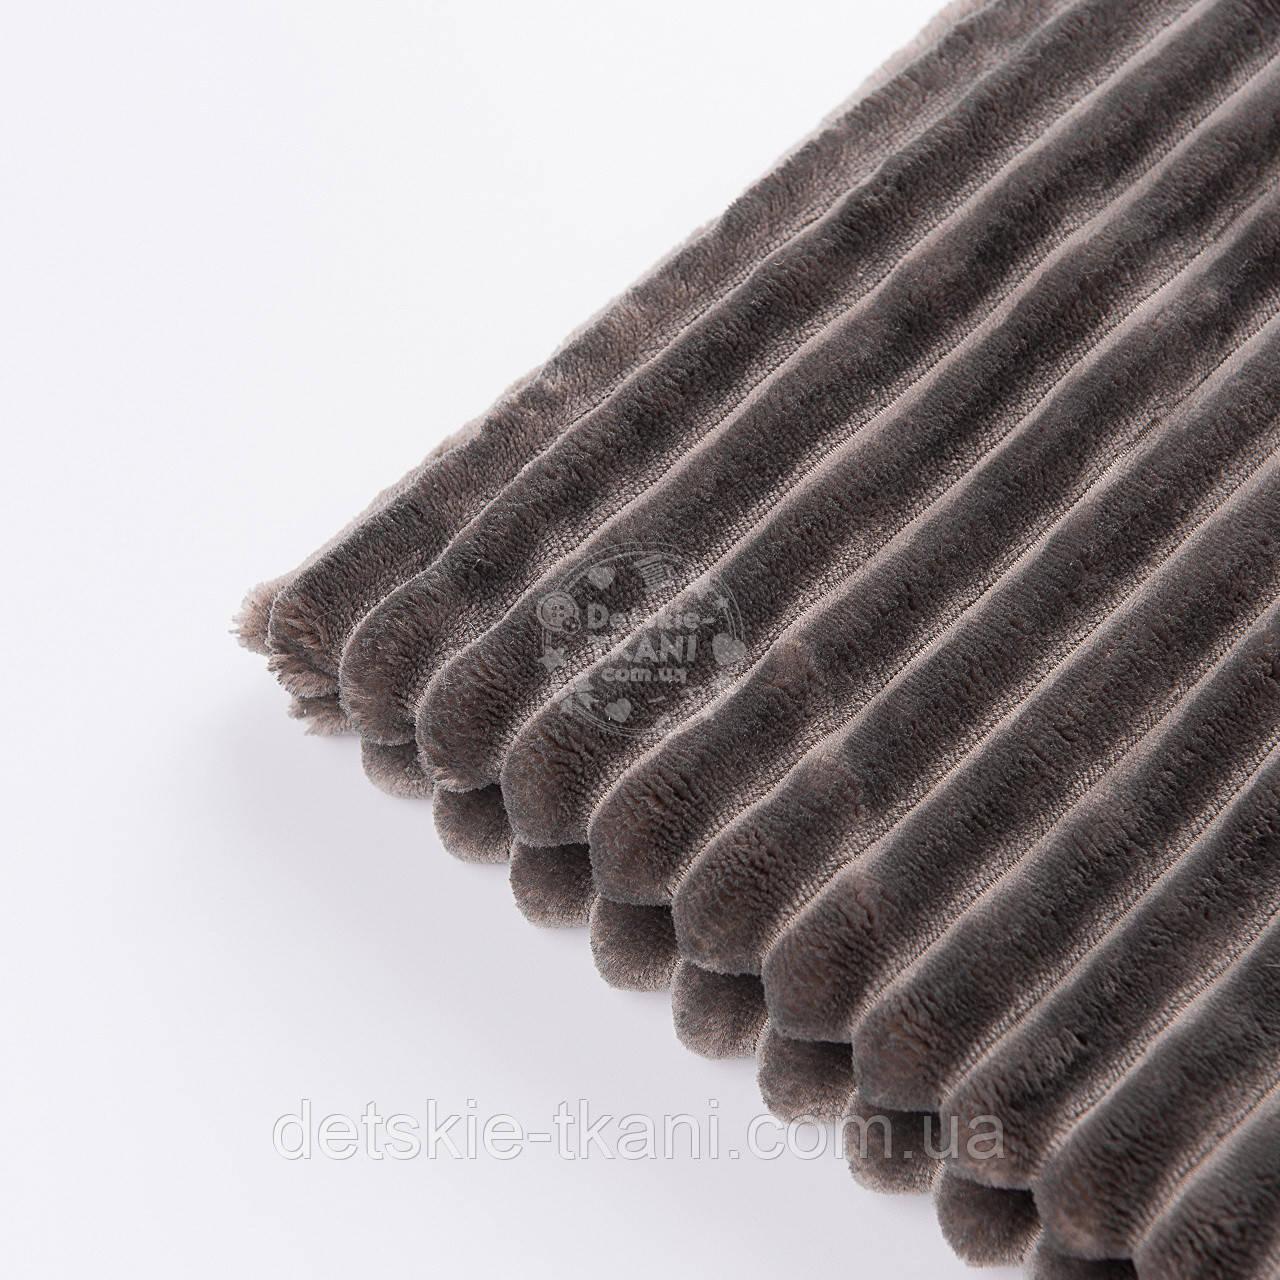 Лоскут плюша в полоску Stripes пепельно-серого цвета 73*78 см